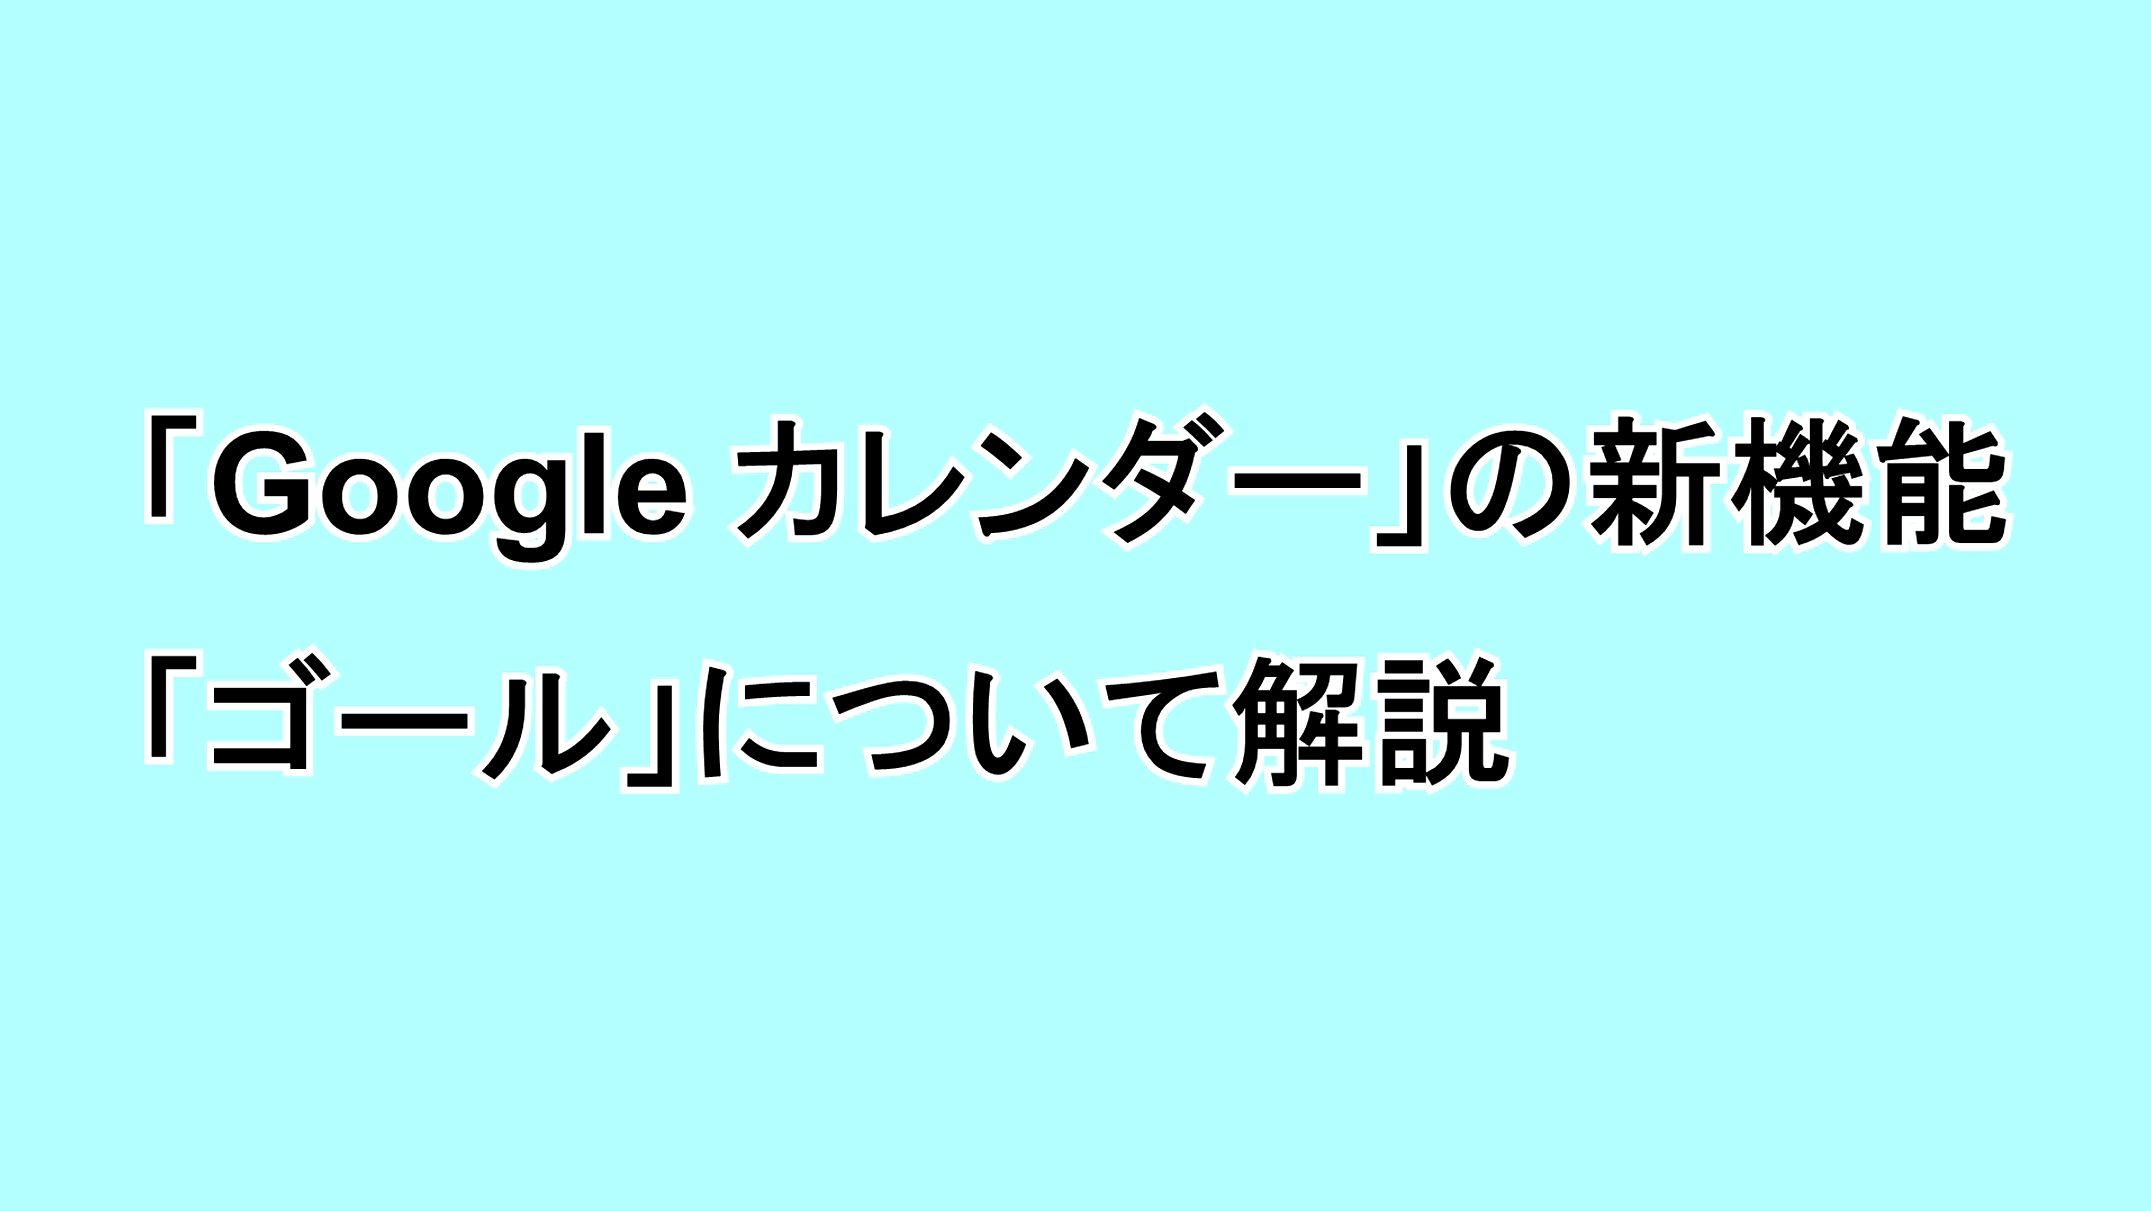 """「Google カレンダー」の新機能""""ゴール""""の概要について解説"""